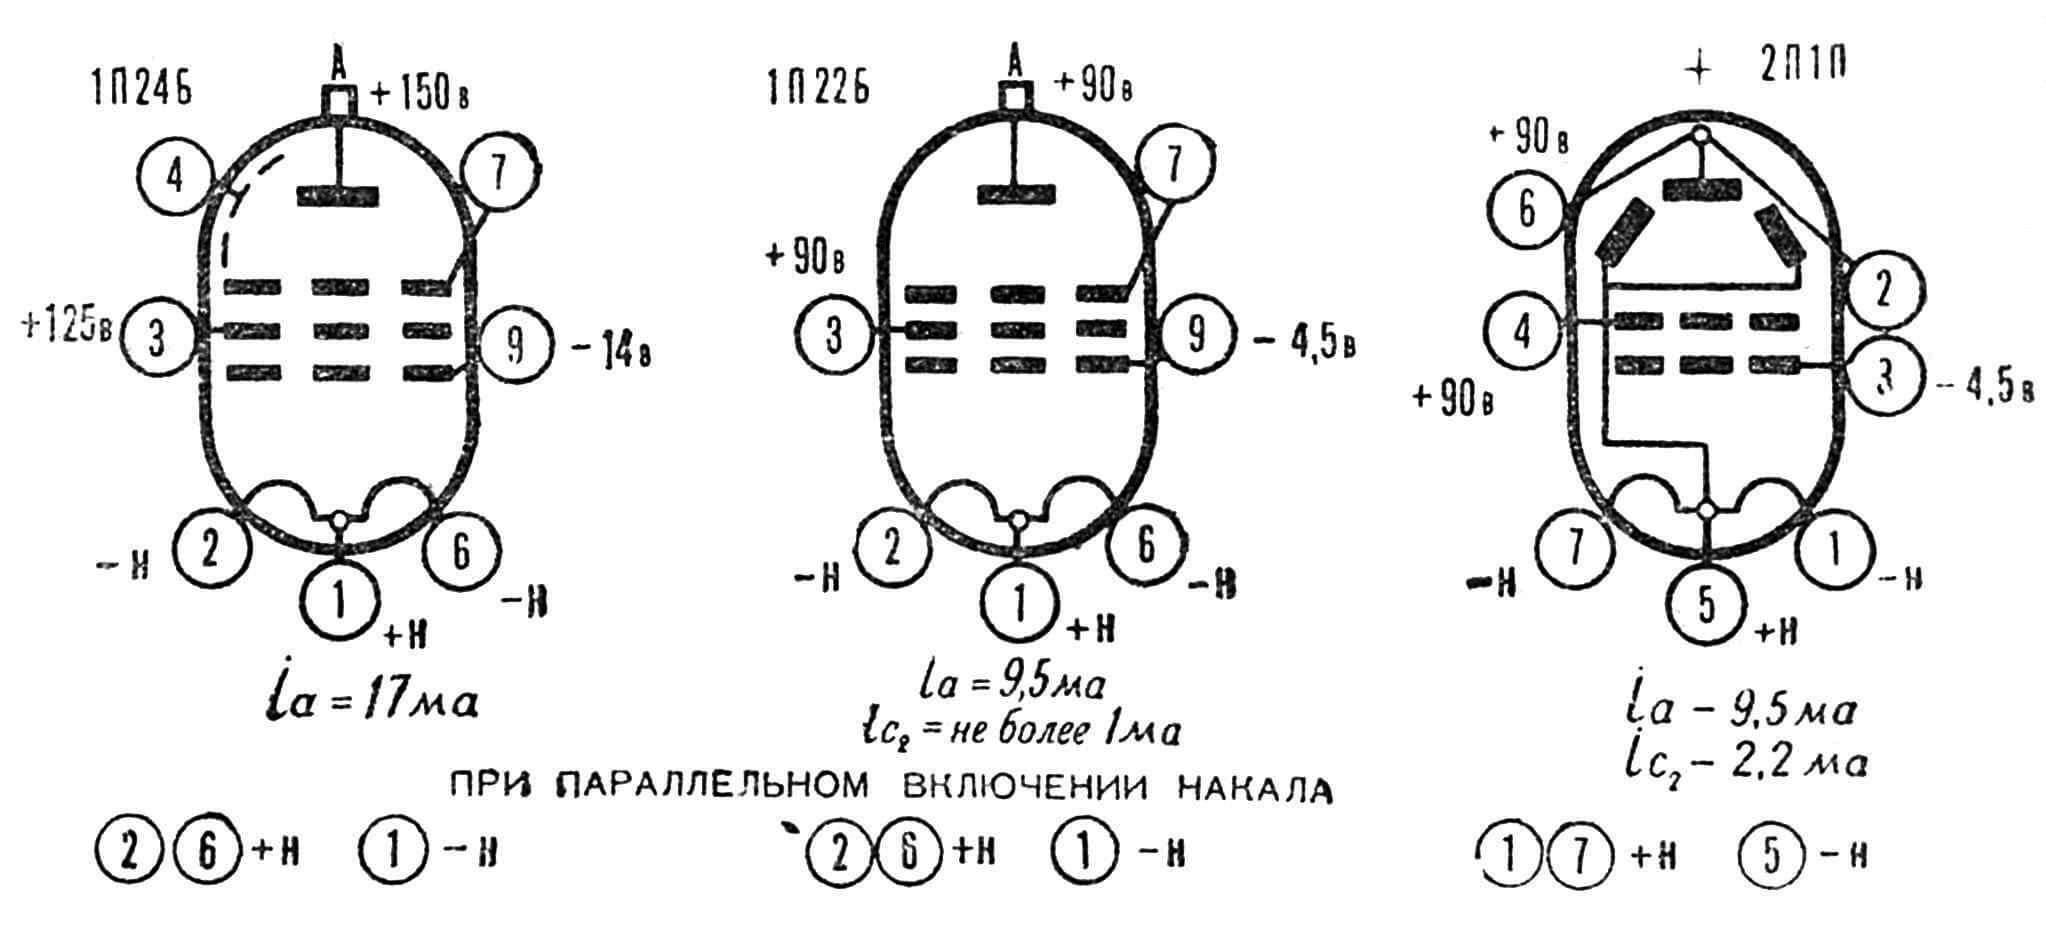 Рис. 5. Цоколевка ламп.